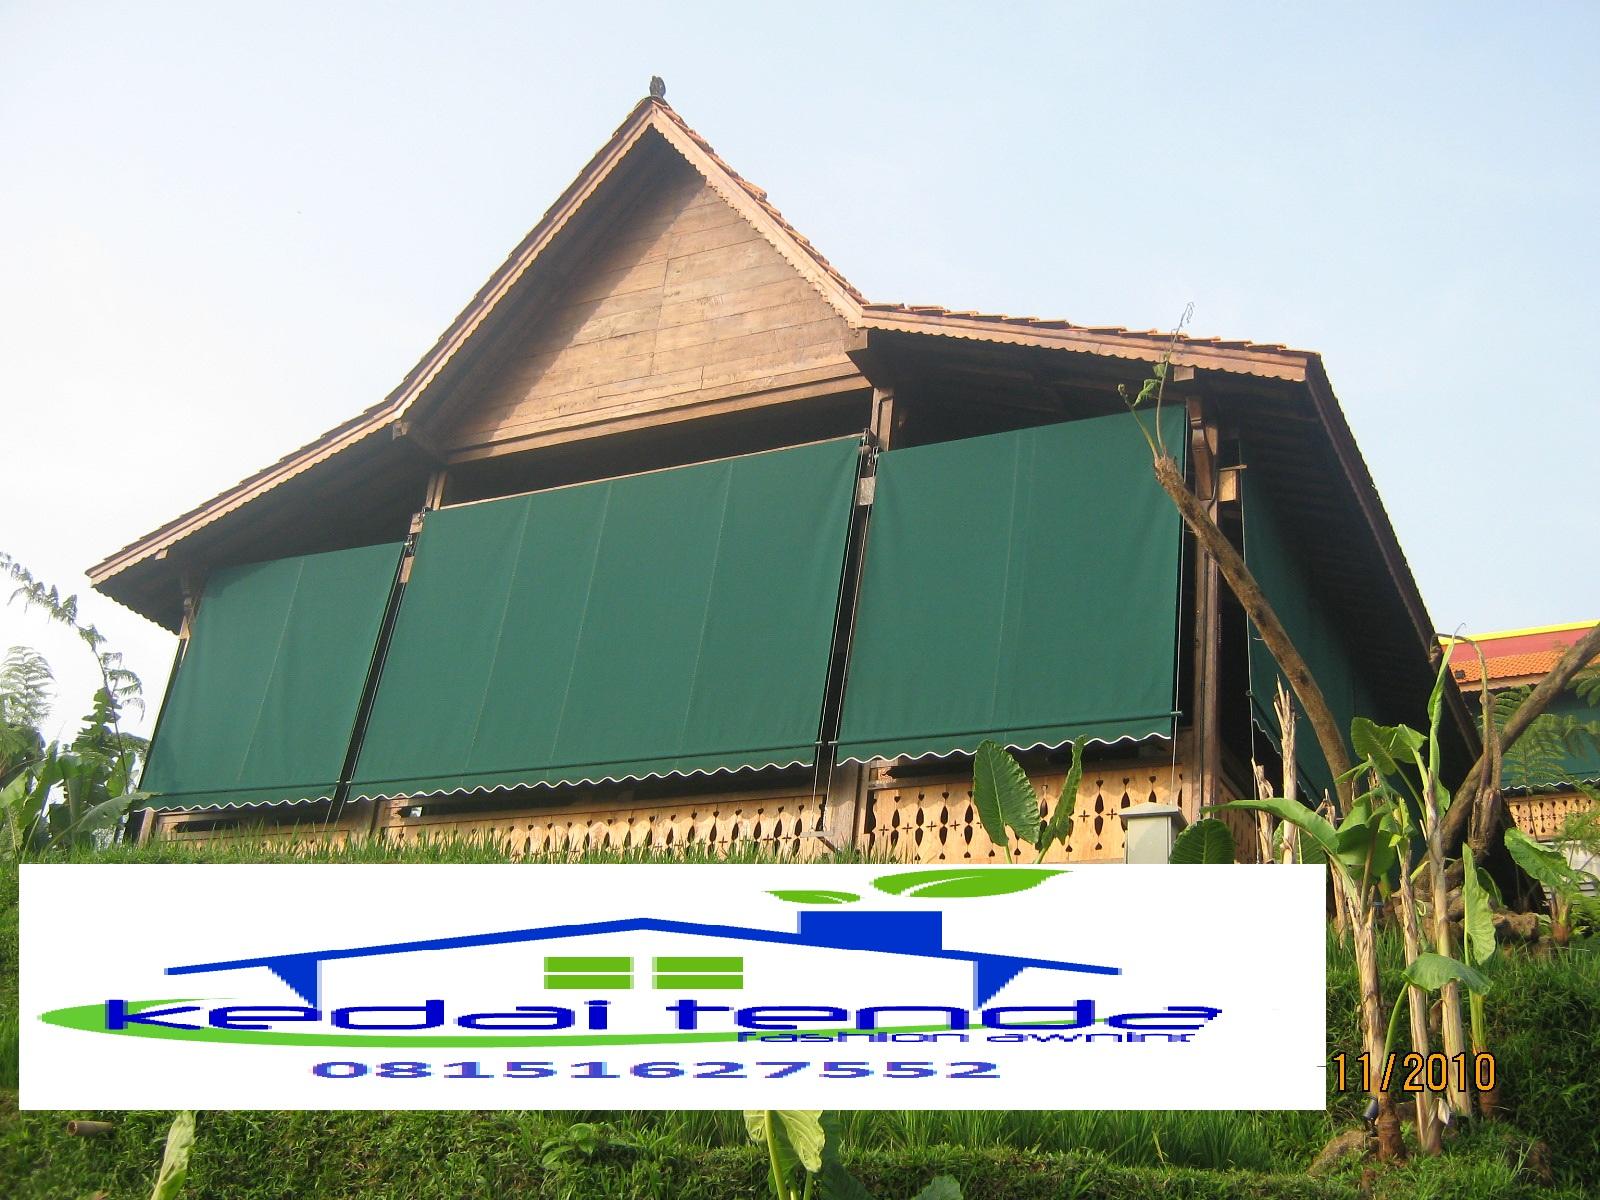 awning gulung vertical  08151627552 ( KARSUDI )